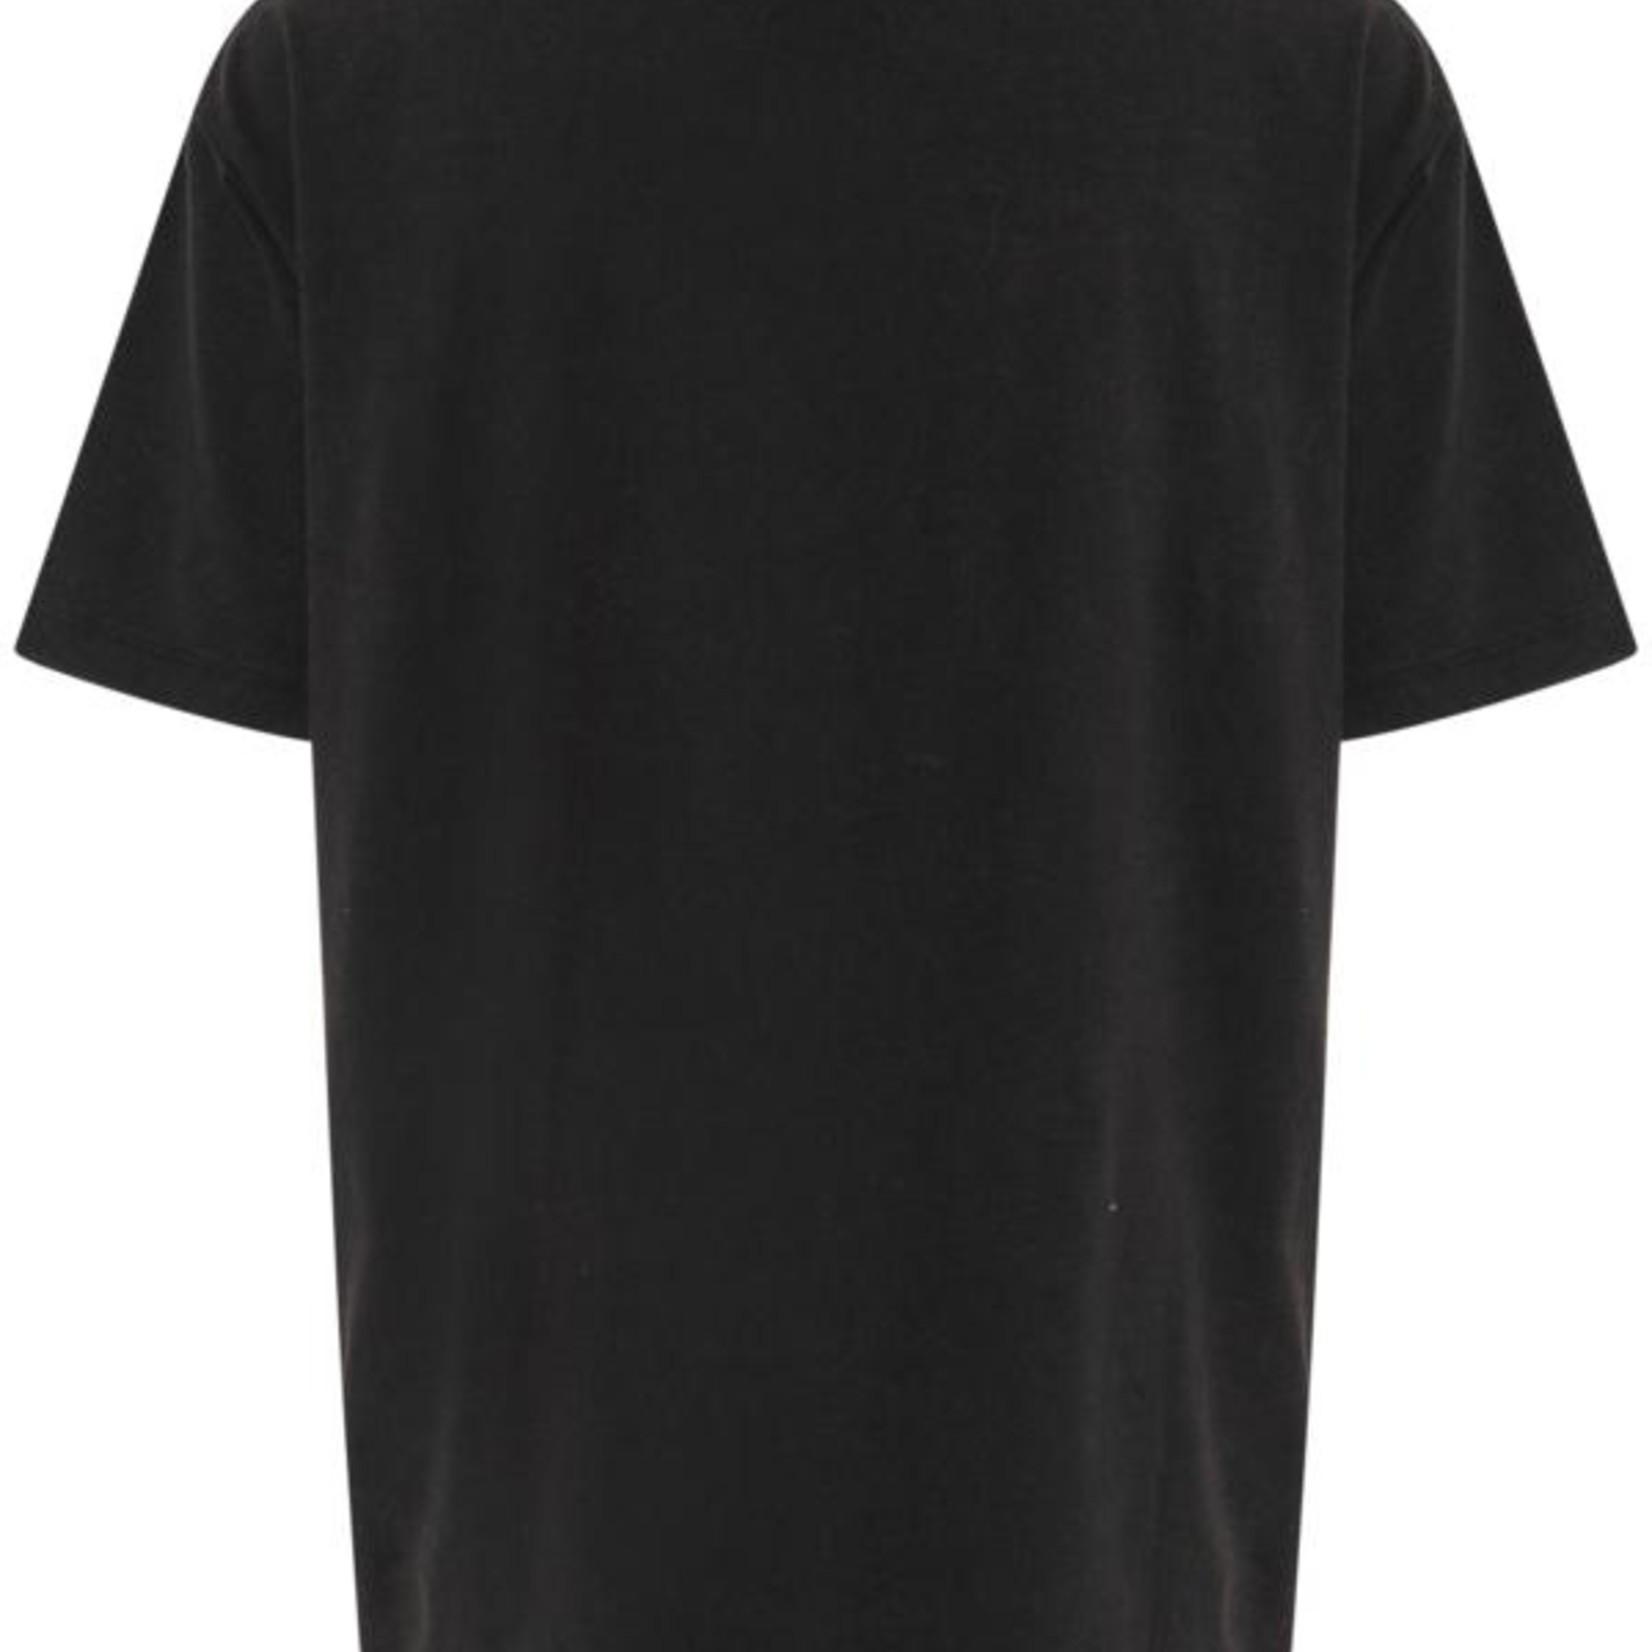 ICHI IHMARIAH SS2, T-shirt